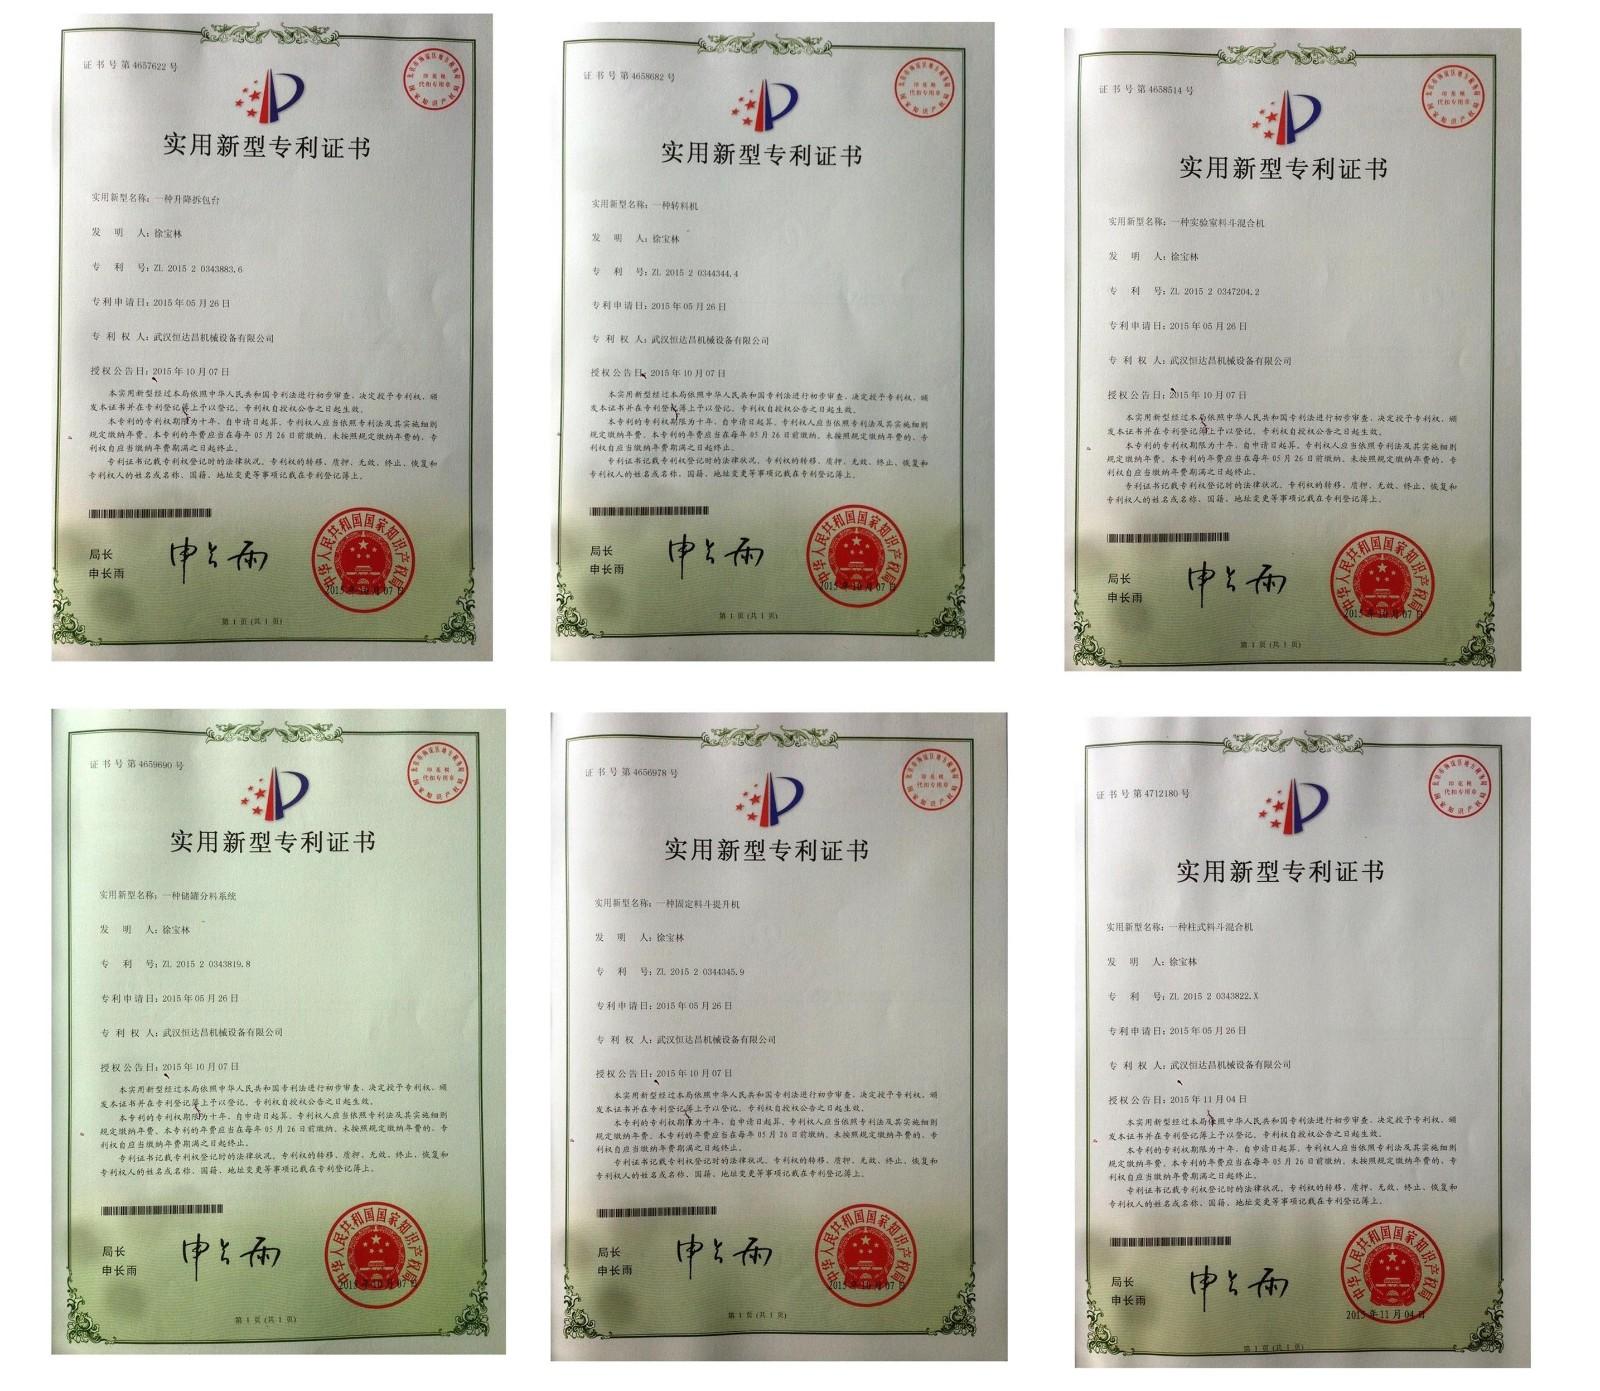 武汉恒达昌申请七项专利全部通过